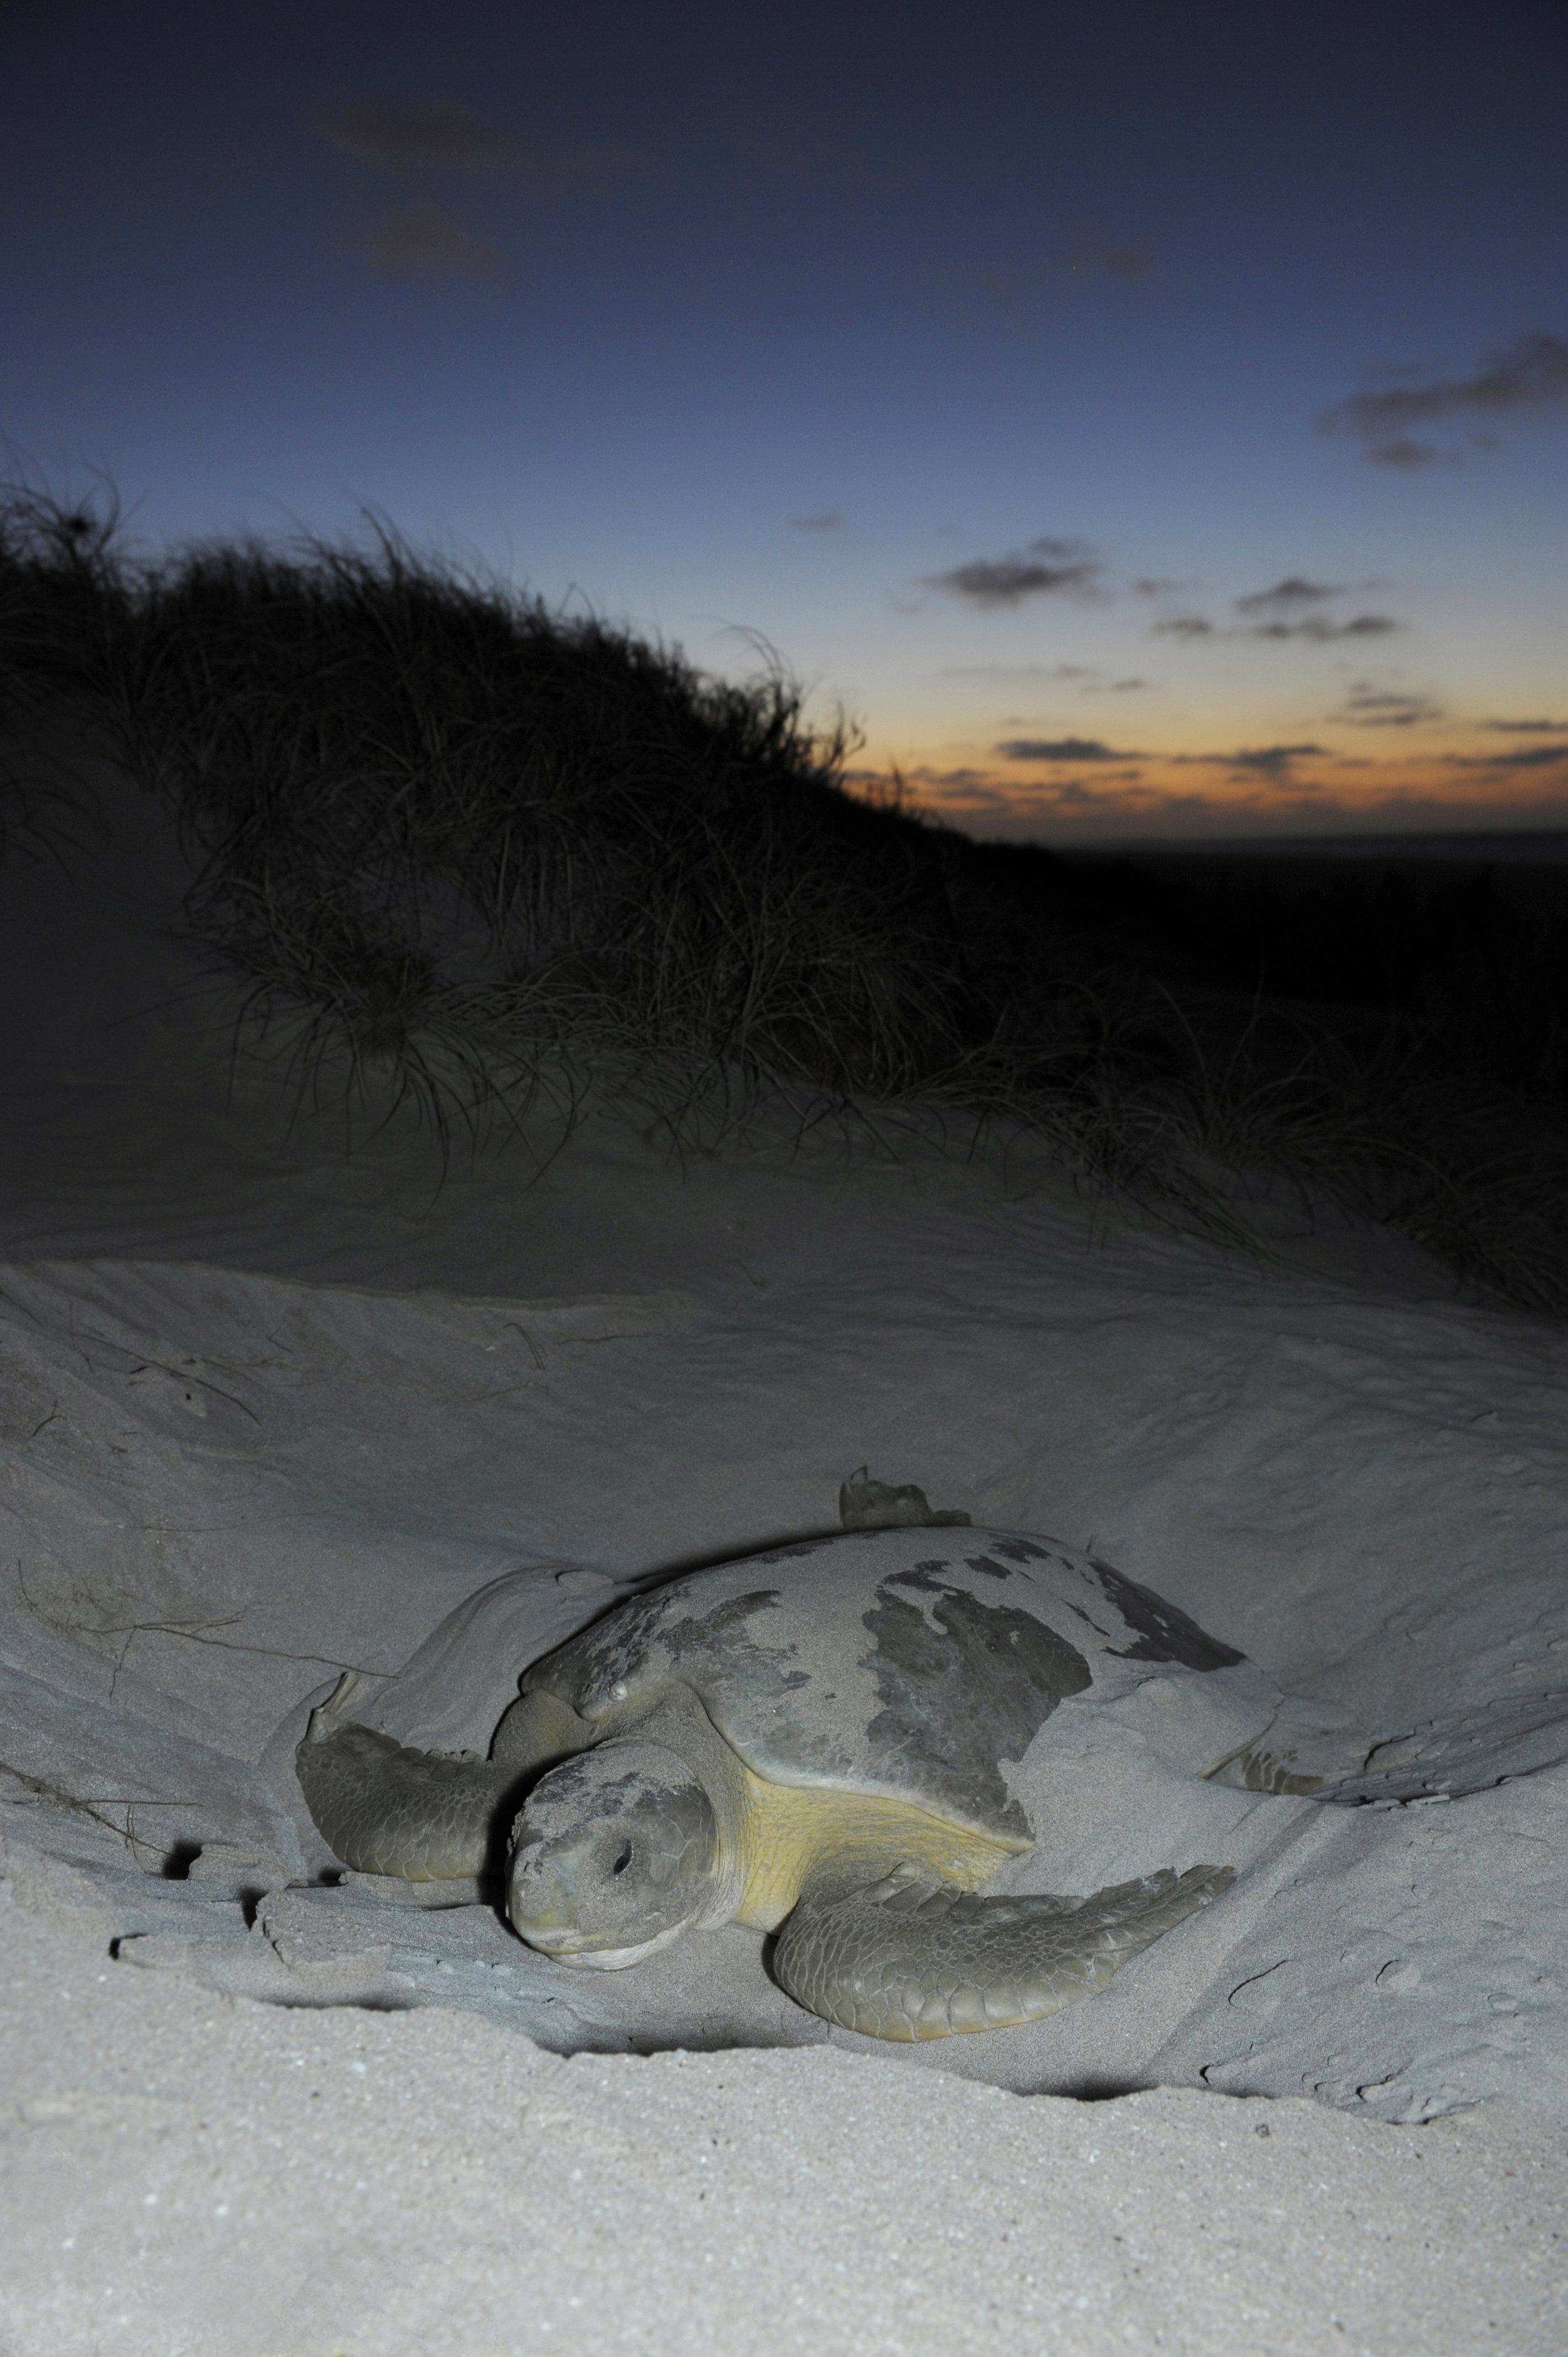 A flatback turtle nesting in Western Australia. © Calen Offield